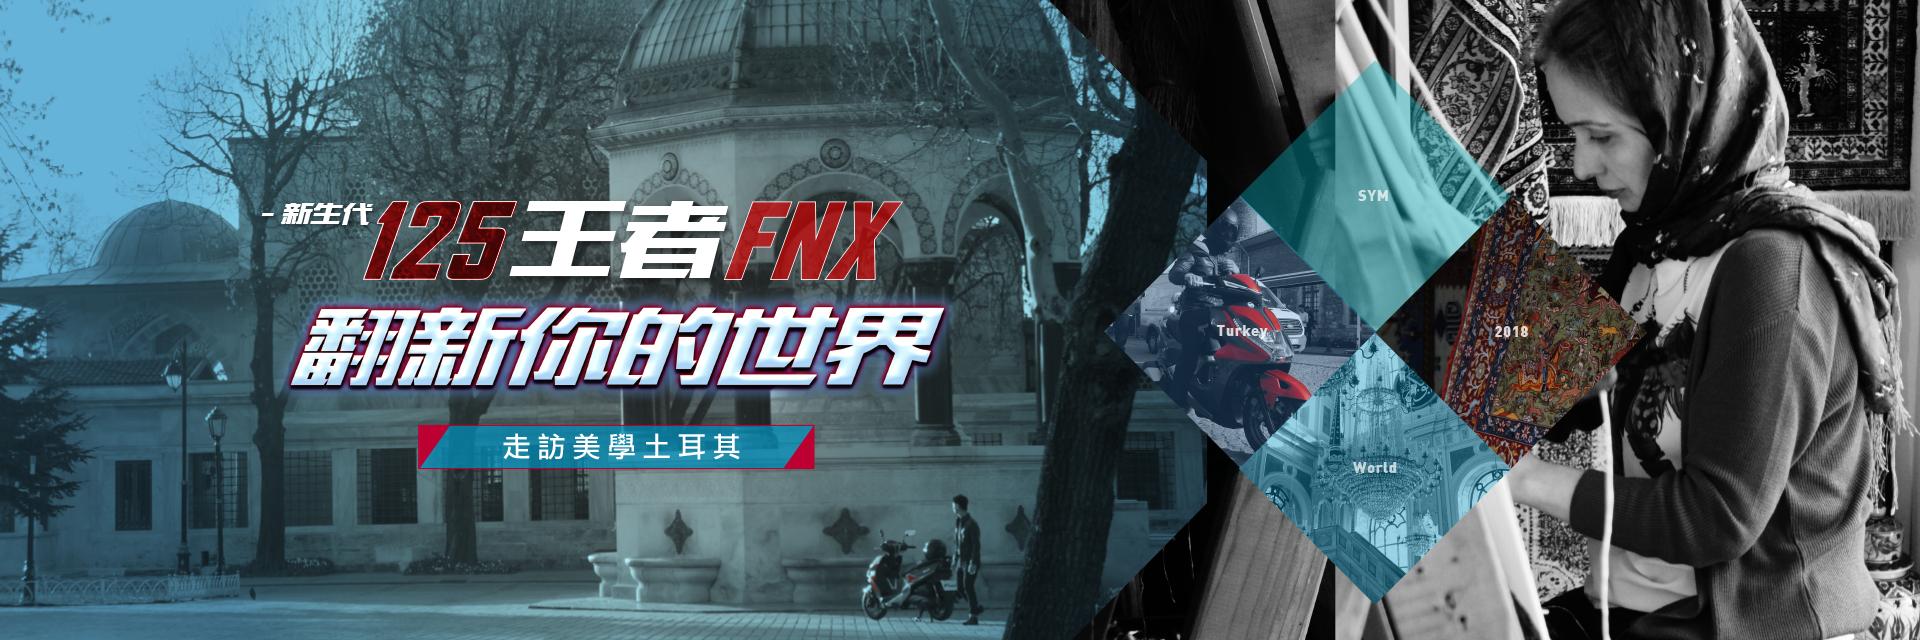 世界美學第三課 FNX 東西融合 感染美的事物